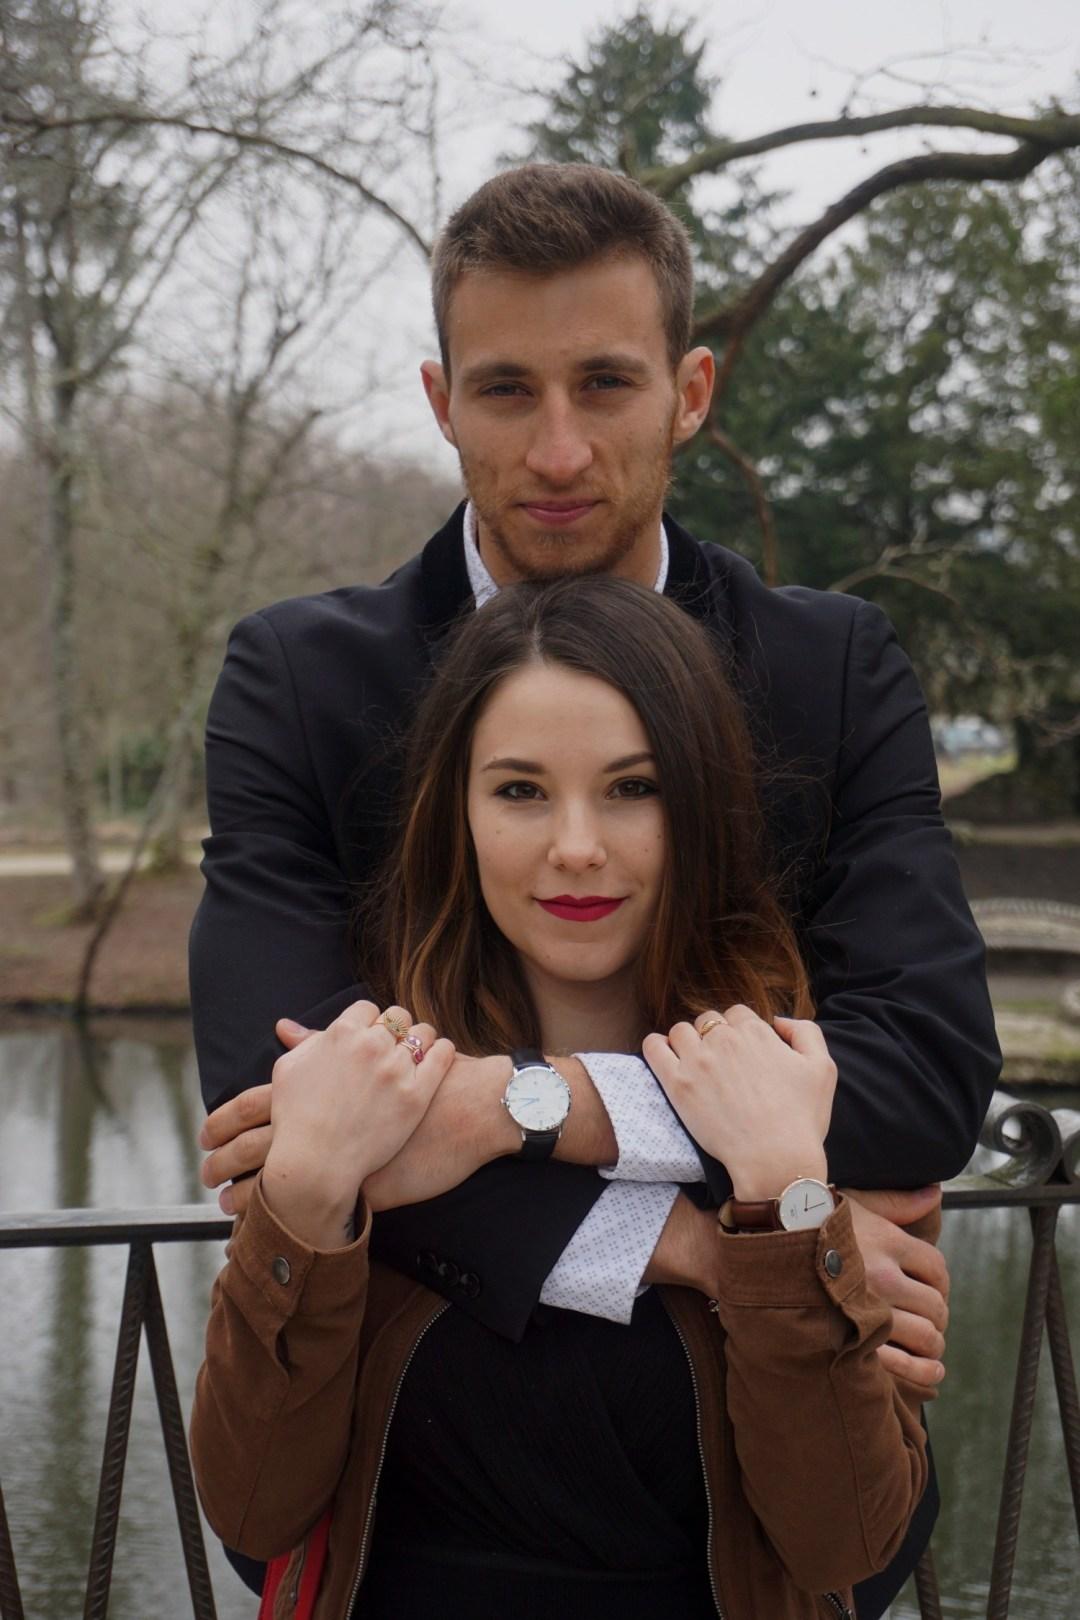 LOOK DE COUPLE POUR LA SAINT VALENTIN PARC MAJOLAN EYSINES BLOG BORDEAUX MODE CORSE 12